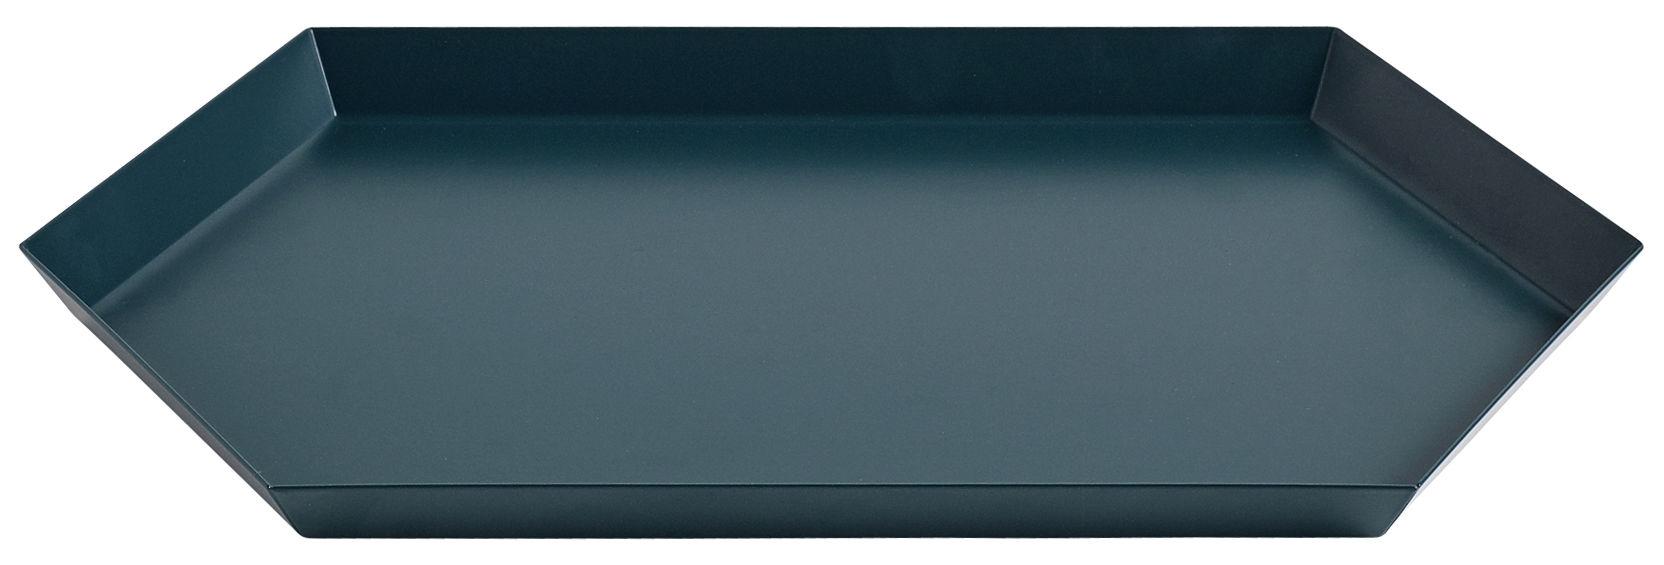 Tischkultur - Tabletts - Kaleido Medium Tablett / 33,5 x 19,5 cm - Hay - Dunkelgrün - bemalter Stahl